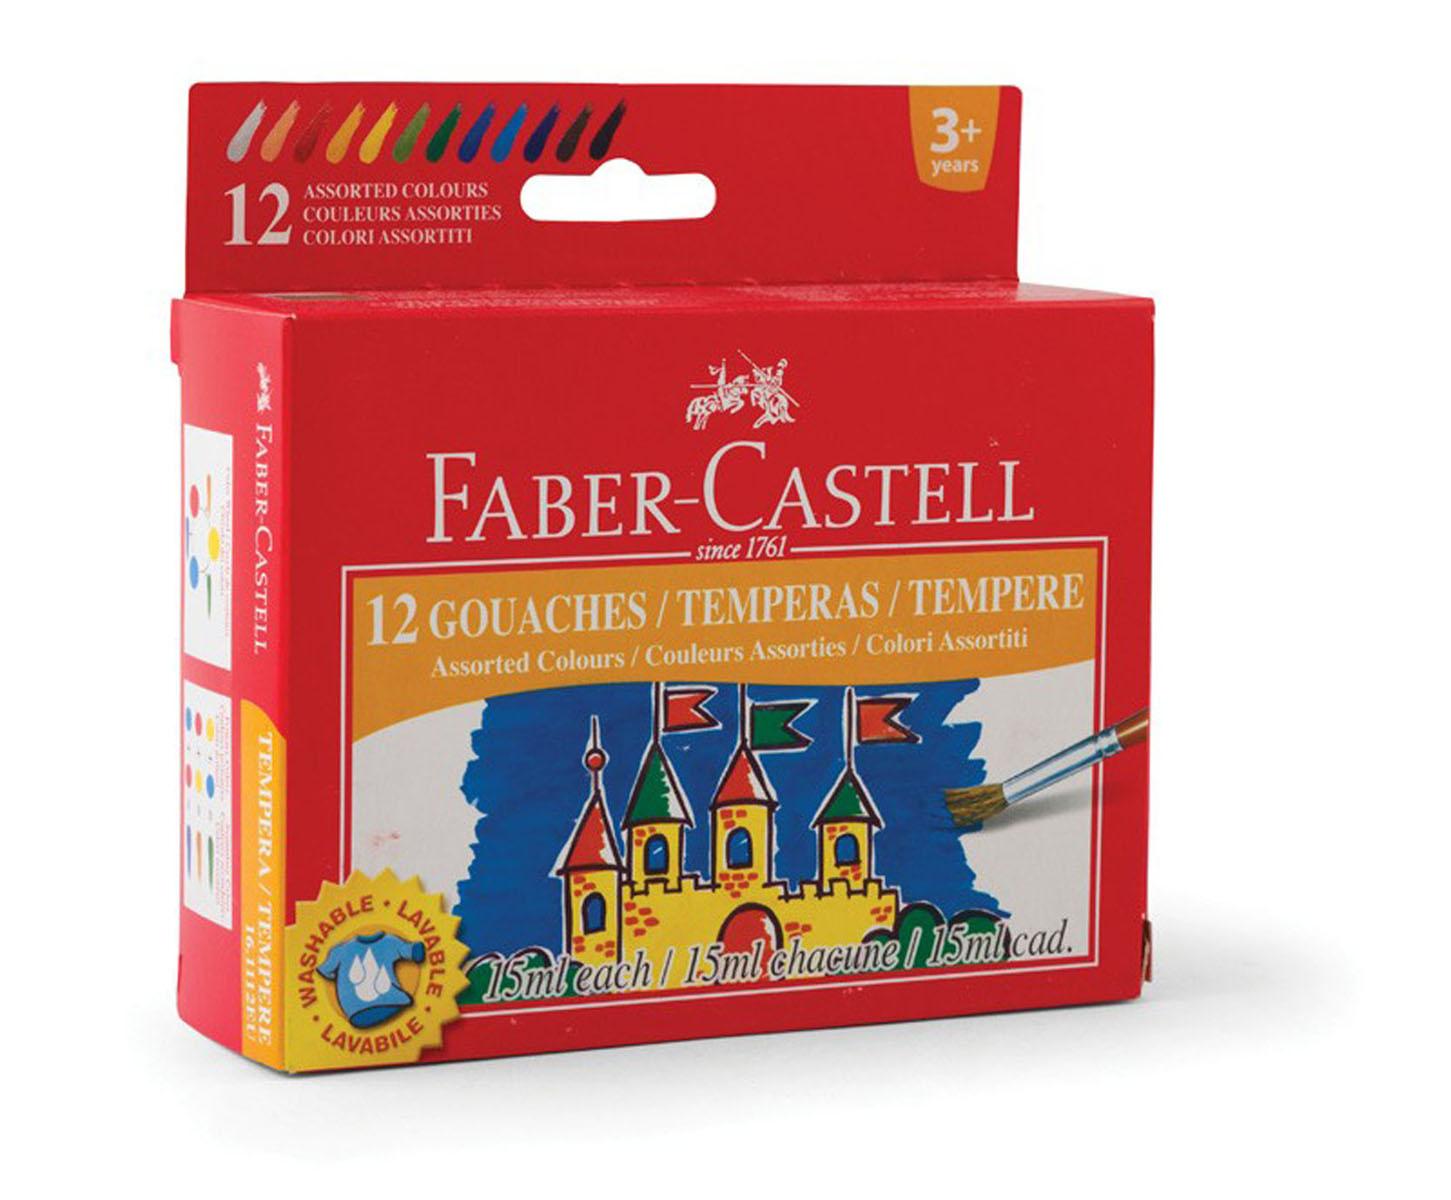 Гуашь Faber-Castell, 12 цветов161112Гуашь Faber-Castell предназначена для декоративно-оформительских работ и творчества детей.В набор входят краски 12 цветов: белый, розовый, красный, оранжевый, желтый, светло-зеленый, зеленый, синий, голубой, фиолетовый, коричневый, черный.Они легко наносятся на бумагу, картон и грунтованный холст. При высыхании приобретают матовую, бархатистую поверхность.Гуашевые краски, имея оптимальную цветовую палитру, обладают оптимальной степенью укрывистости. При высыхании краски можно развести водой.С такими красками ваш малыш сможет раскрыть свой художественный талант и создать свои собственные уникальные шедевры.